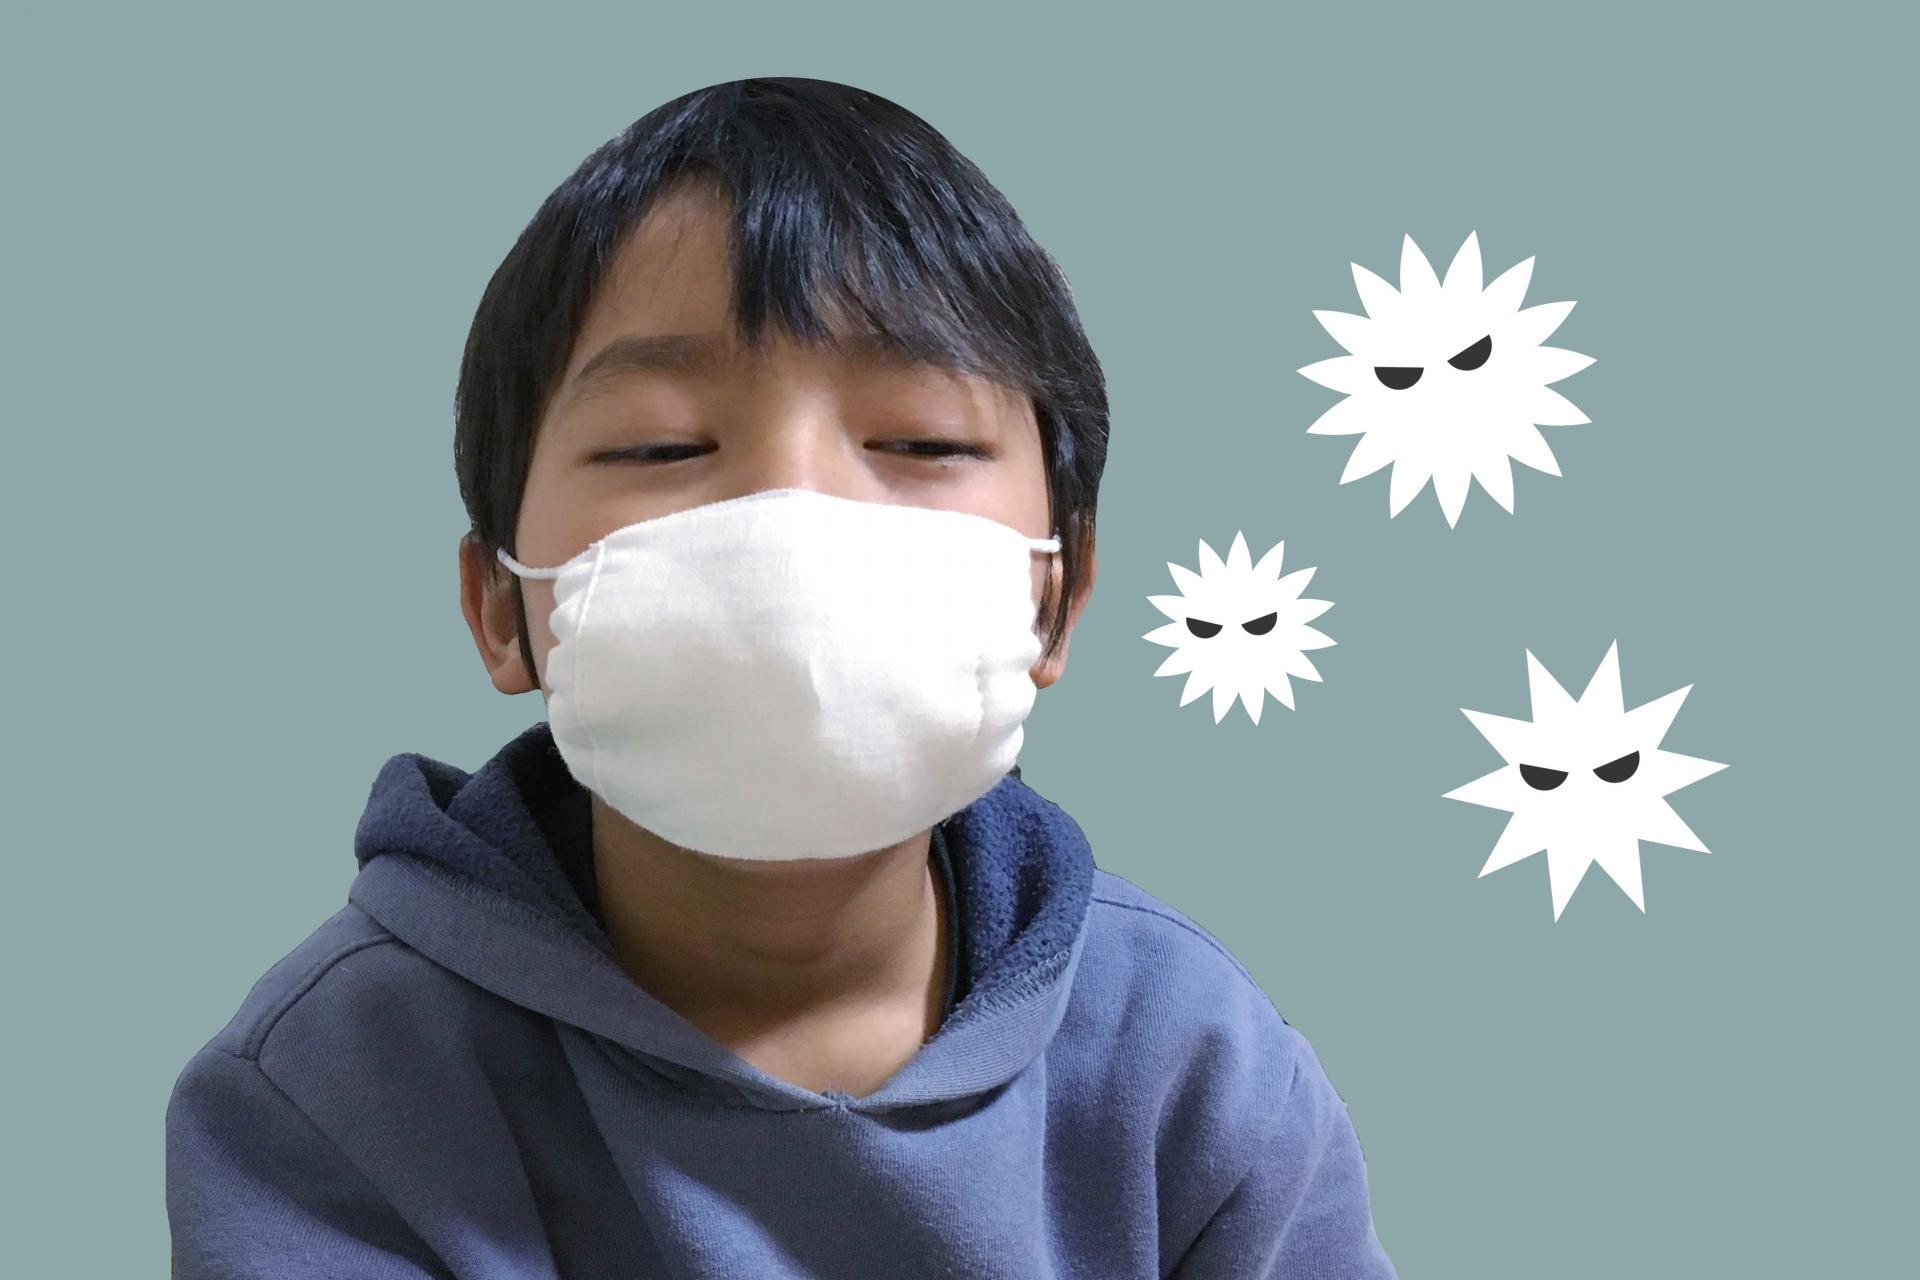 インフルエンザ 症状 子供 熱